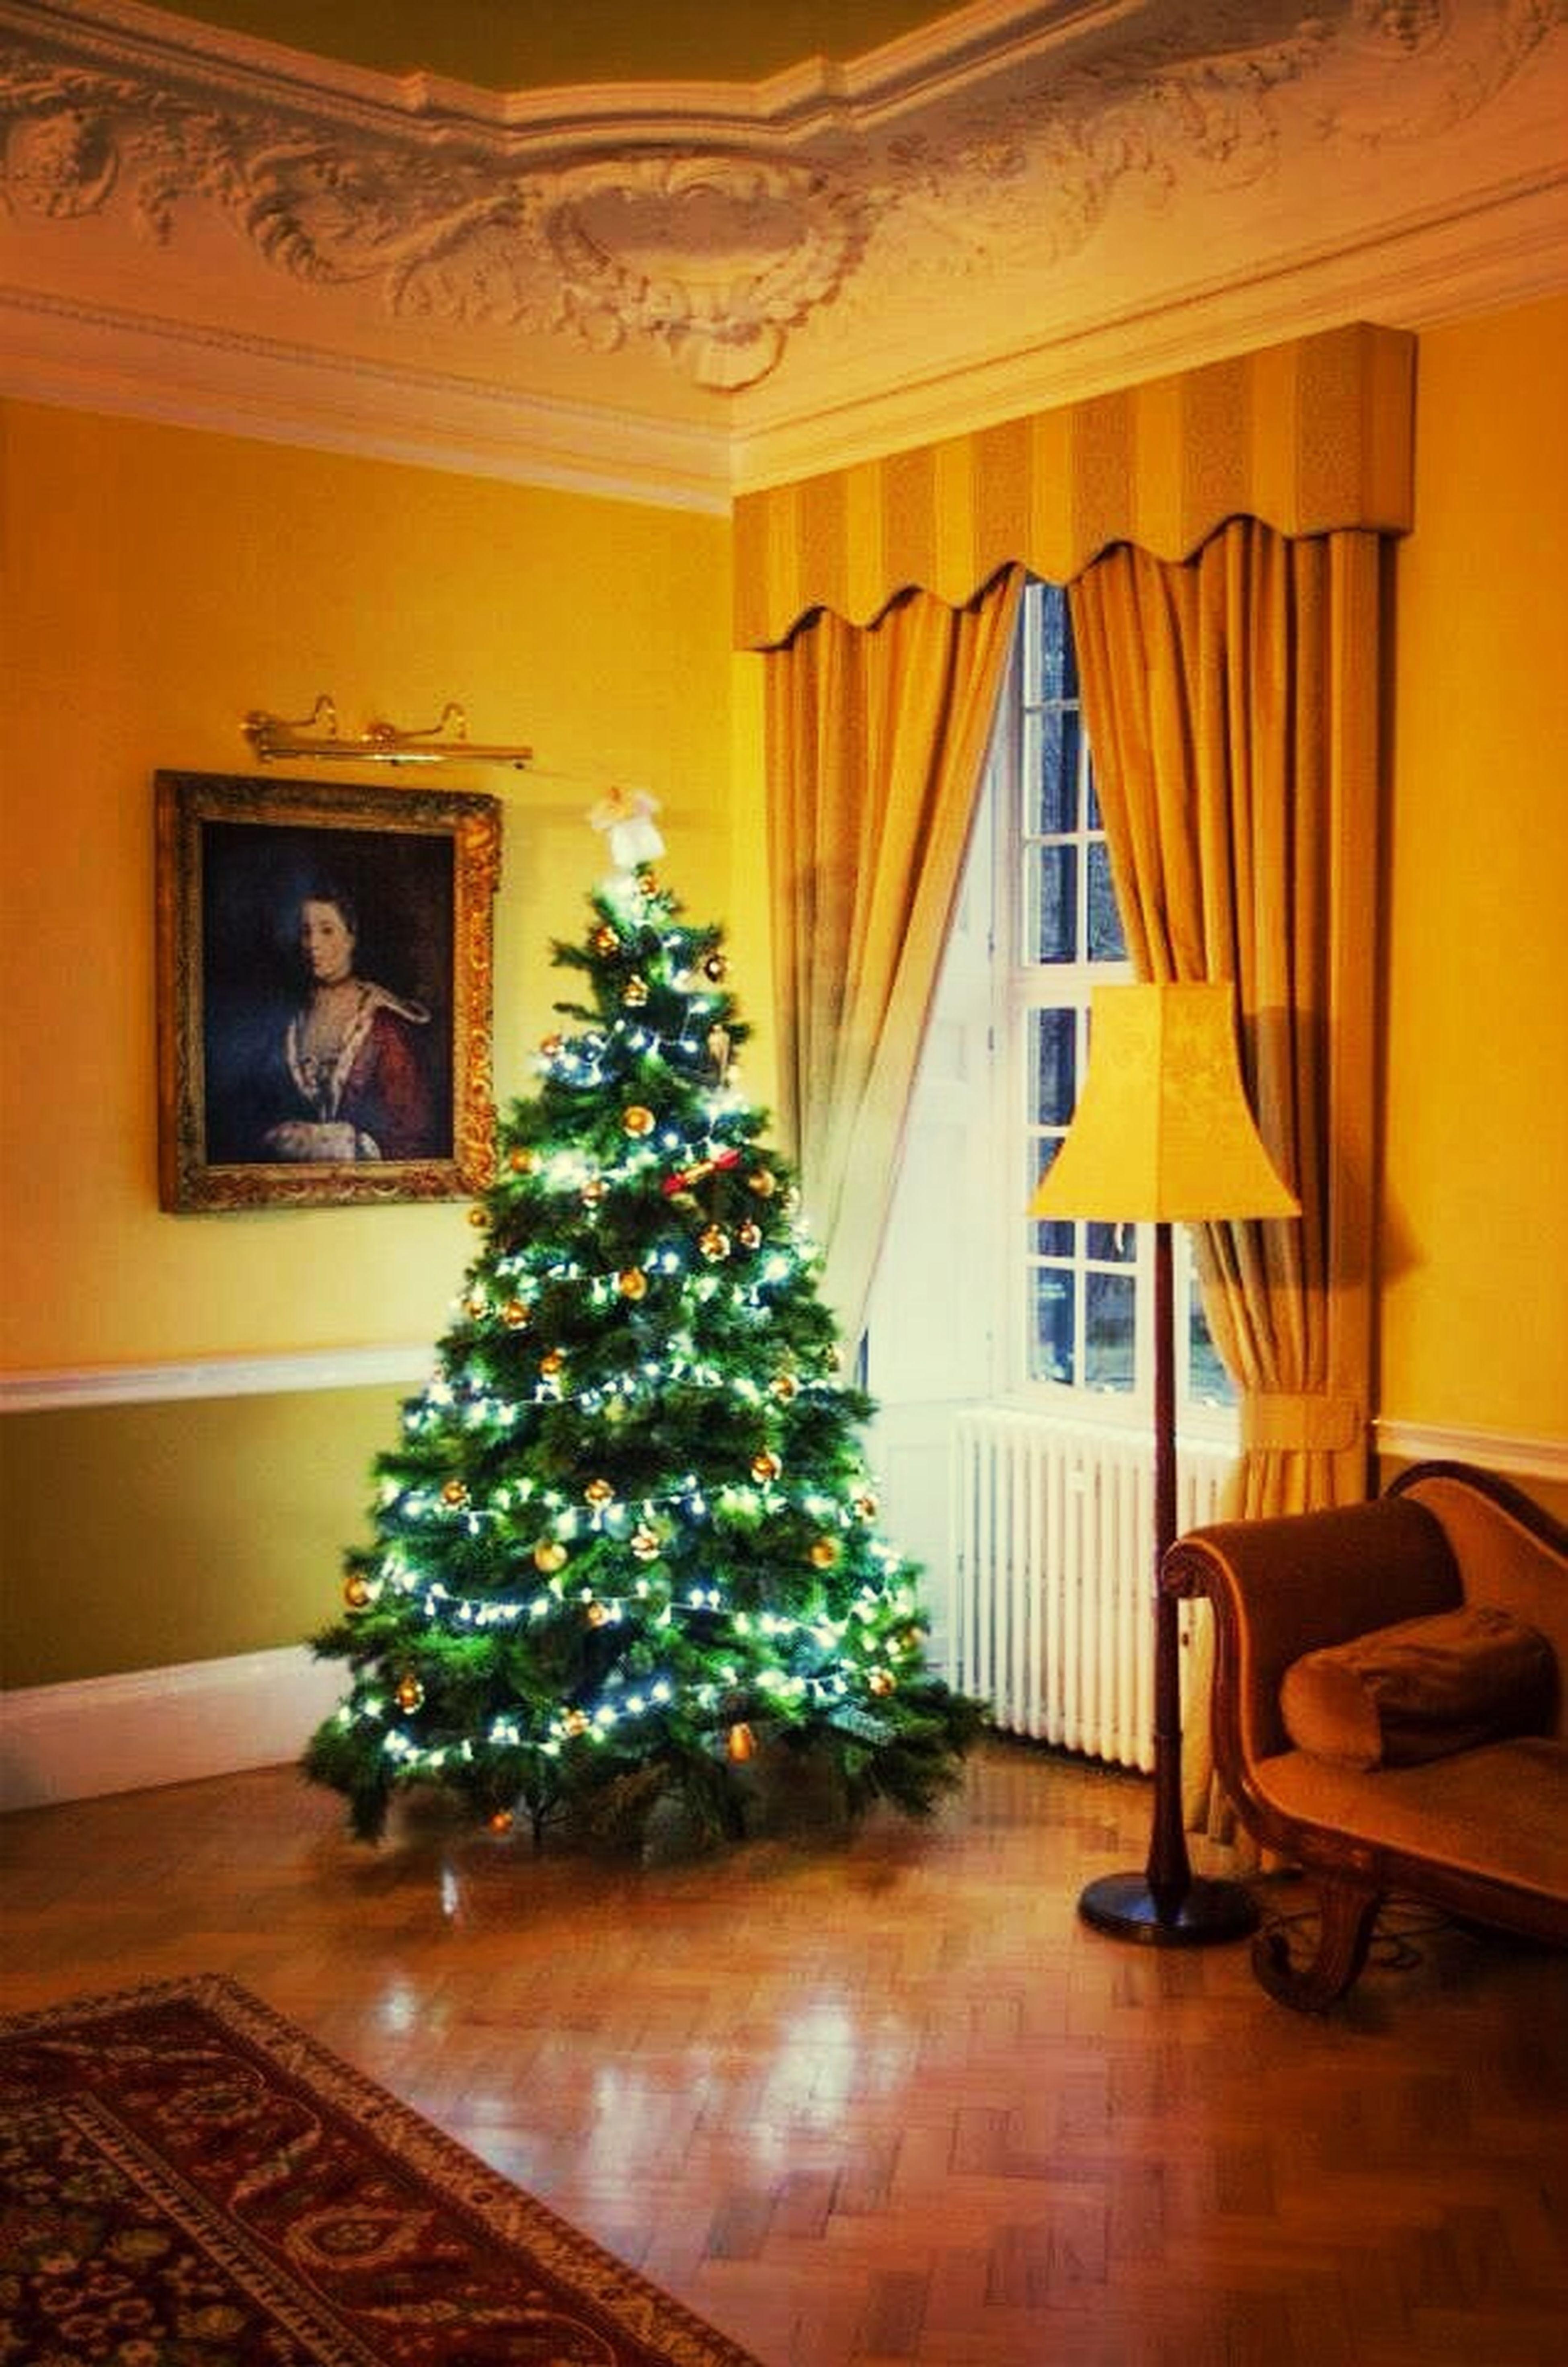 Christmas Christmas Tree Christmas Lights